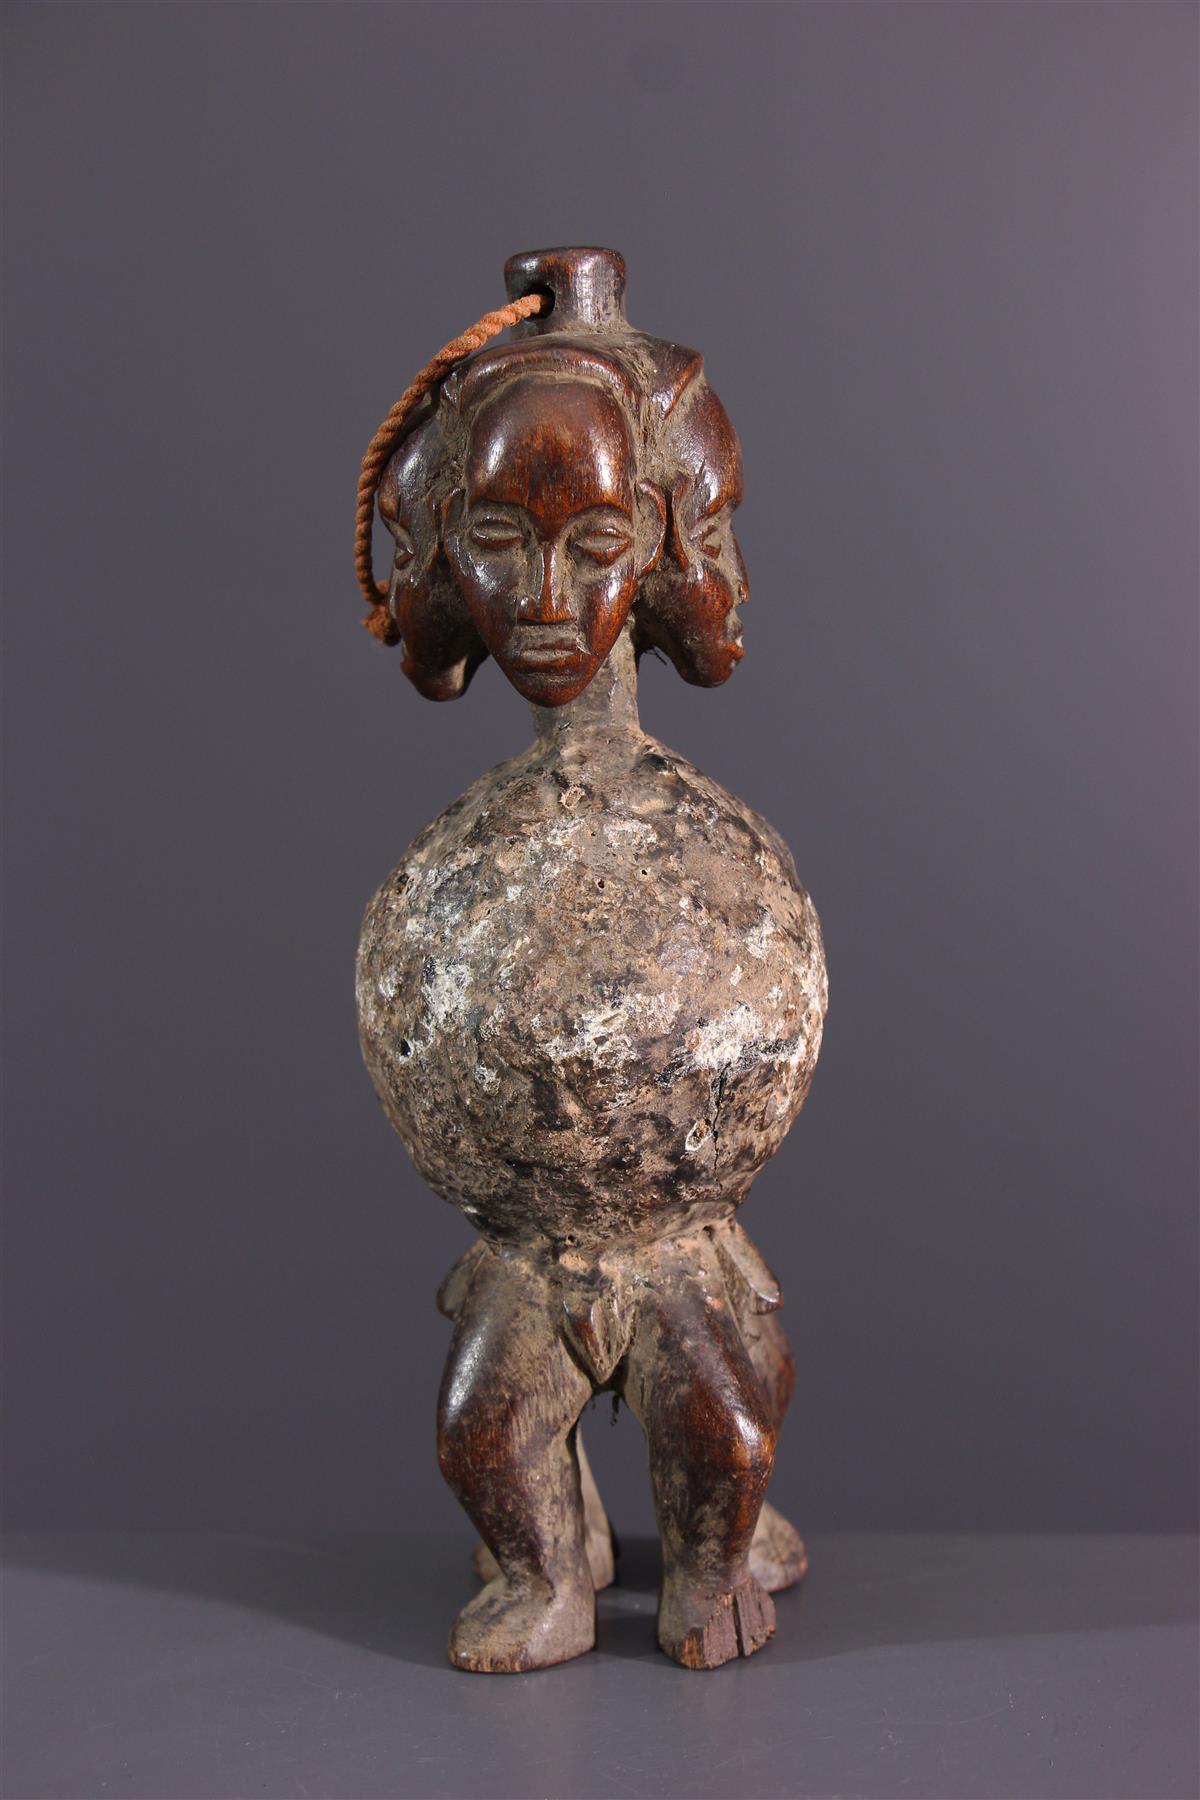 Vili fetish - African art